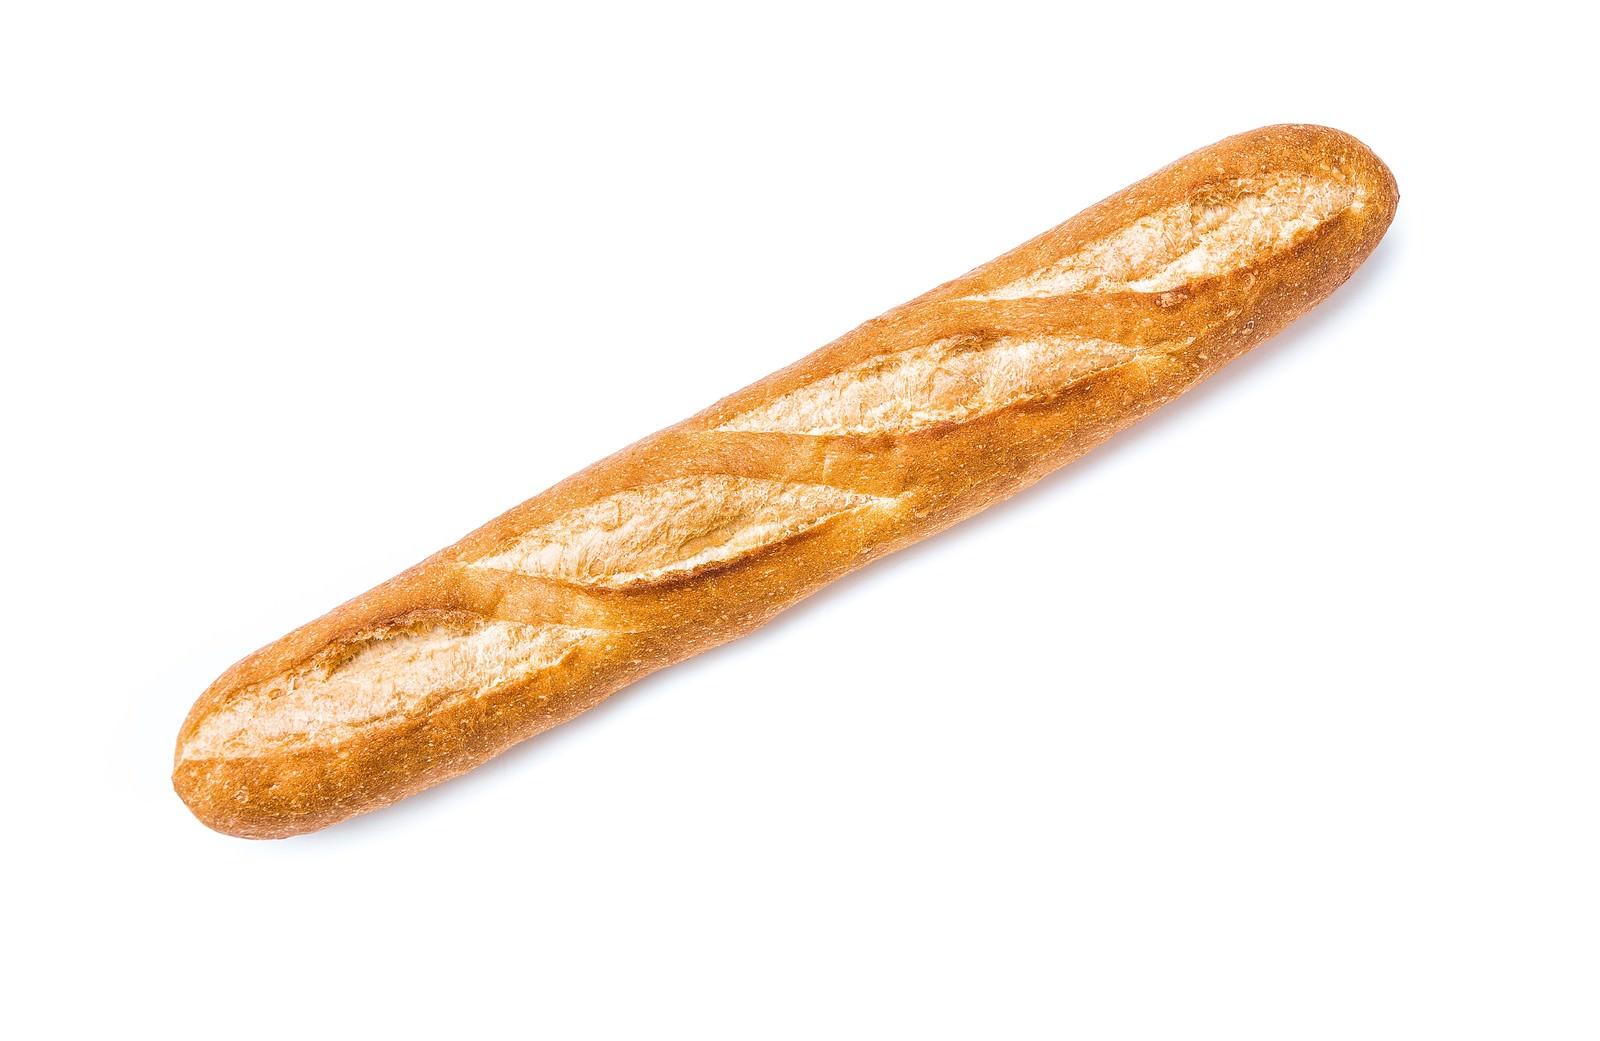 「デザインしやすいフランスパンデザインしやすいフランスパン」のフリー写真素材を拡大